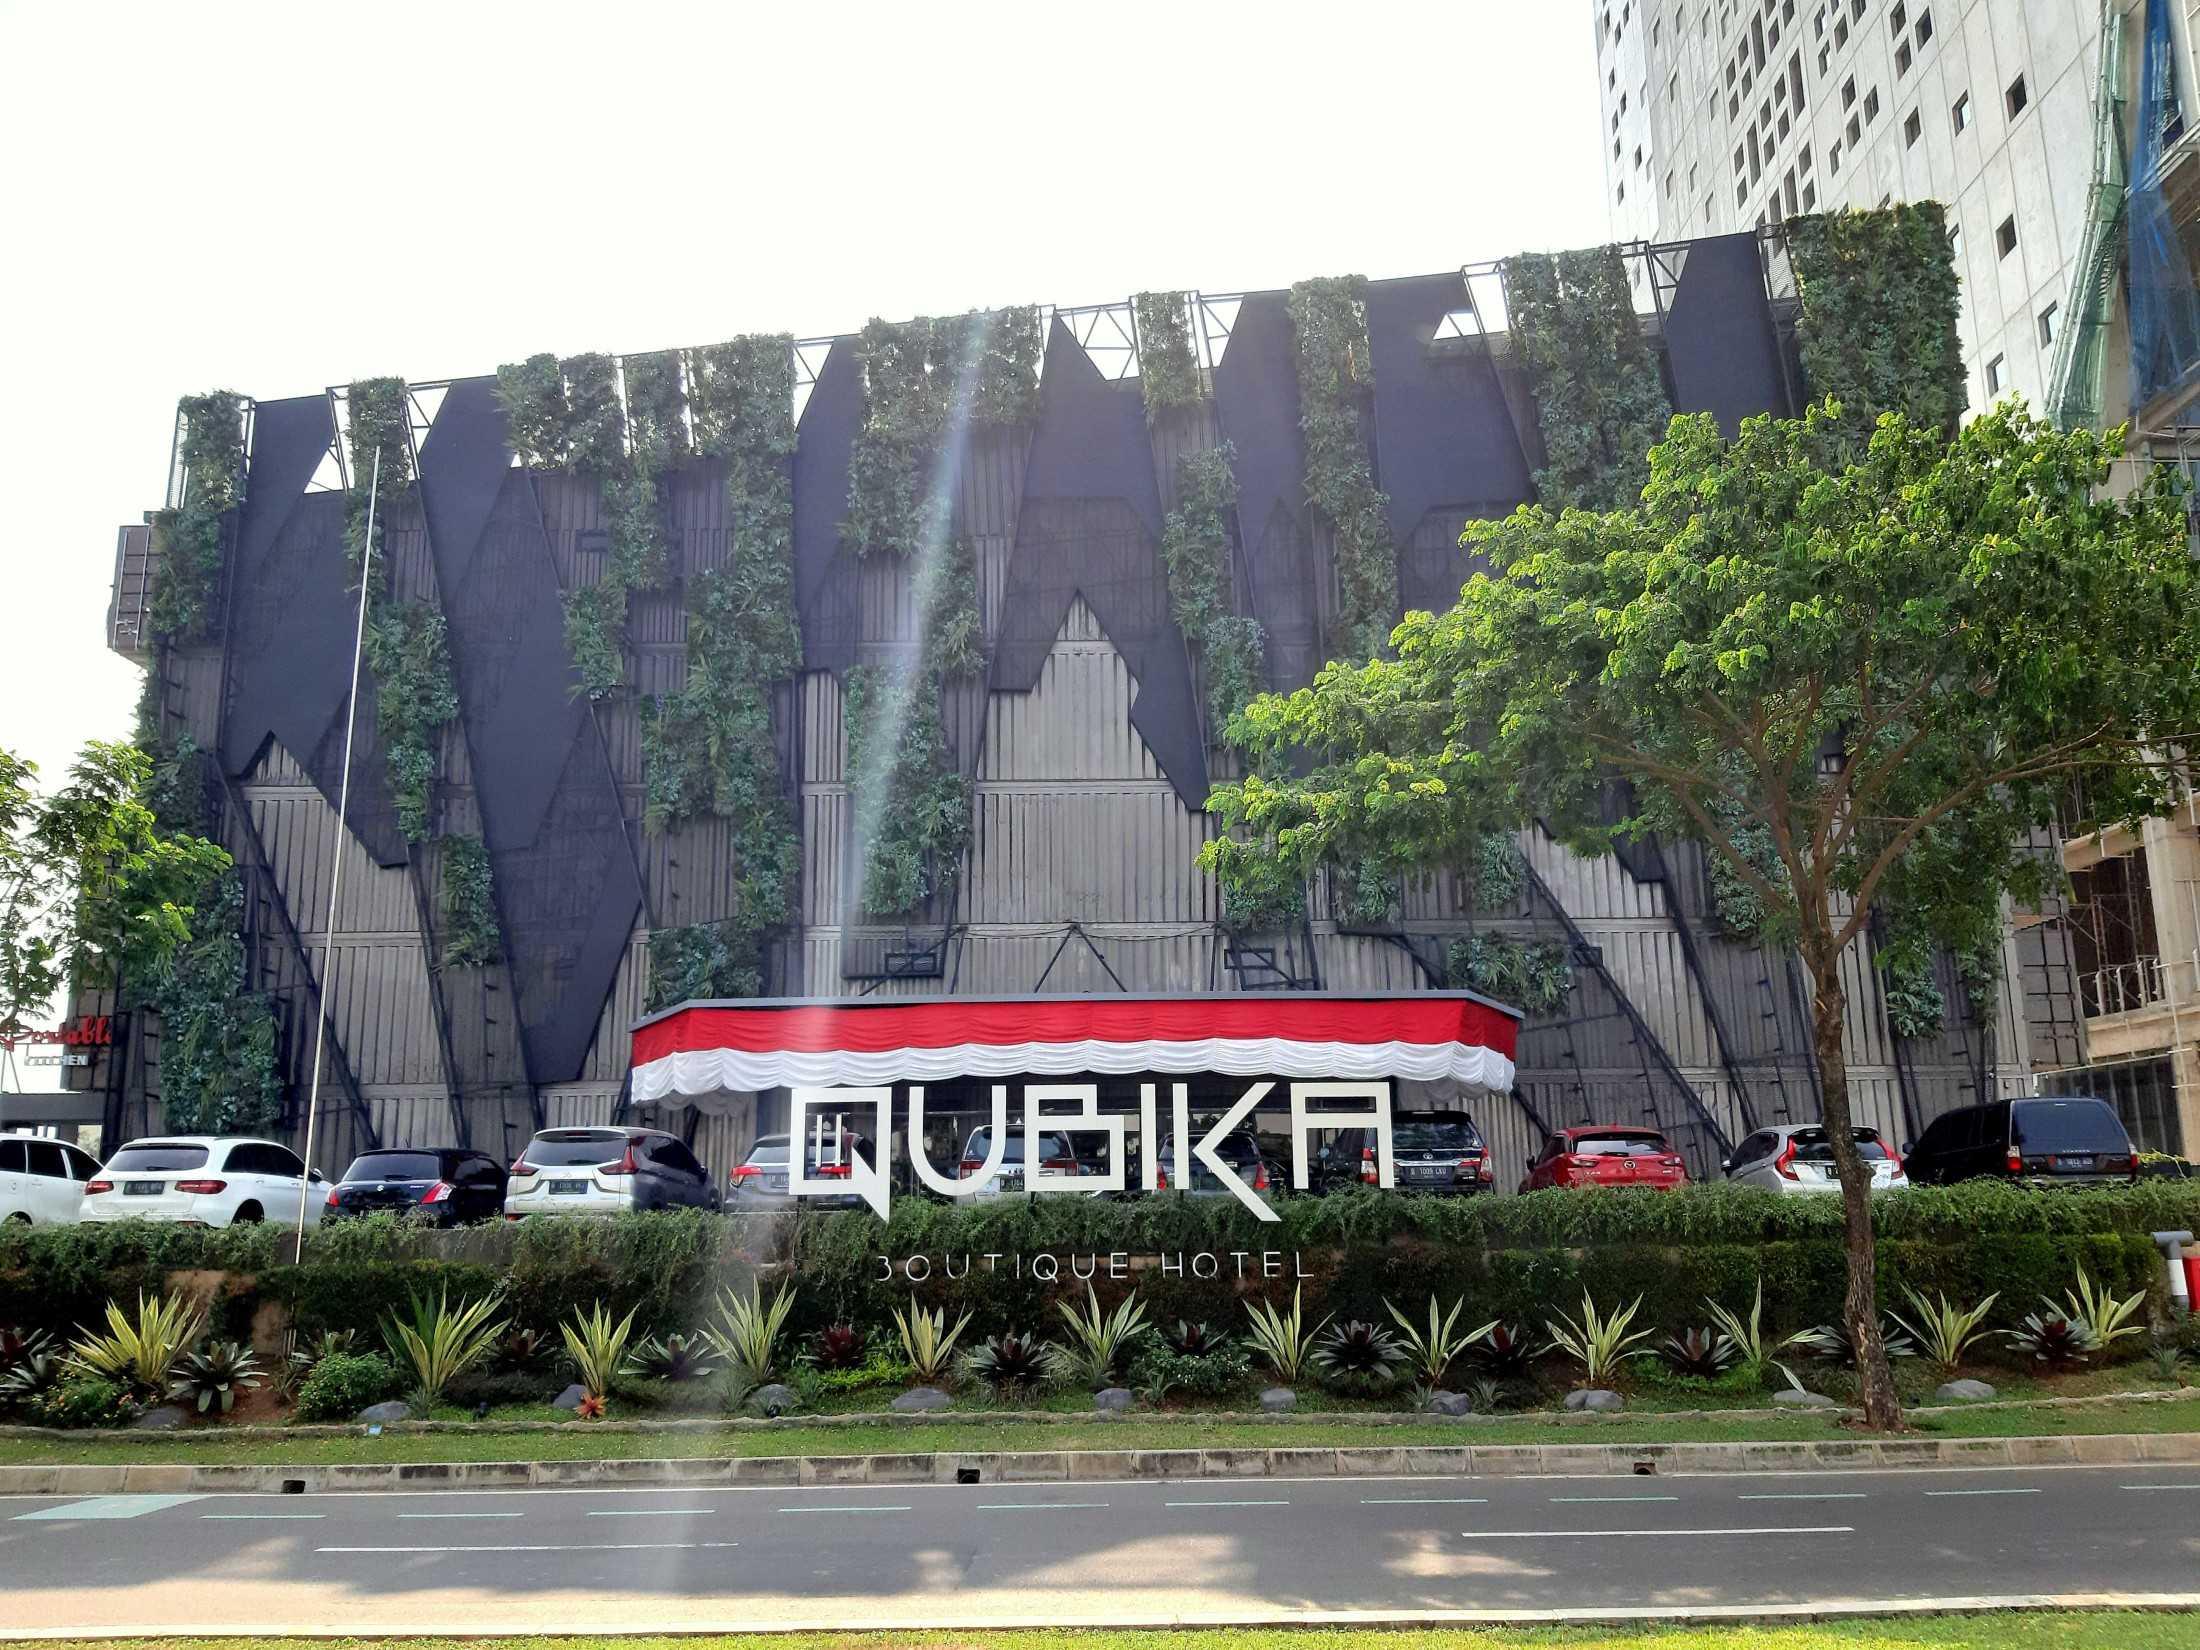 X3M Architects Qubika Hotel Medang, Kec. Pagedangan, Tangerang, Banten 15334, Indonesia Medang, Kec. Pagedangan, Tangerang, Banten 15334, Indonesia X3M-Architects-Qubika-Hotel  99486